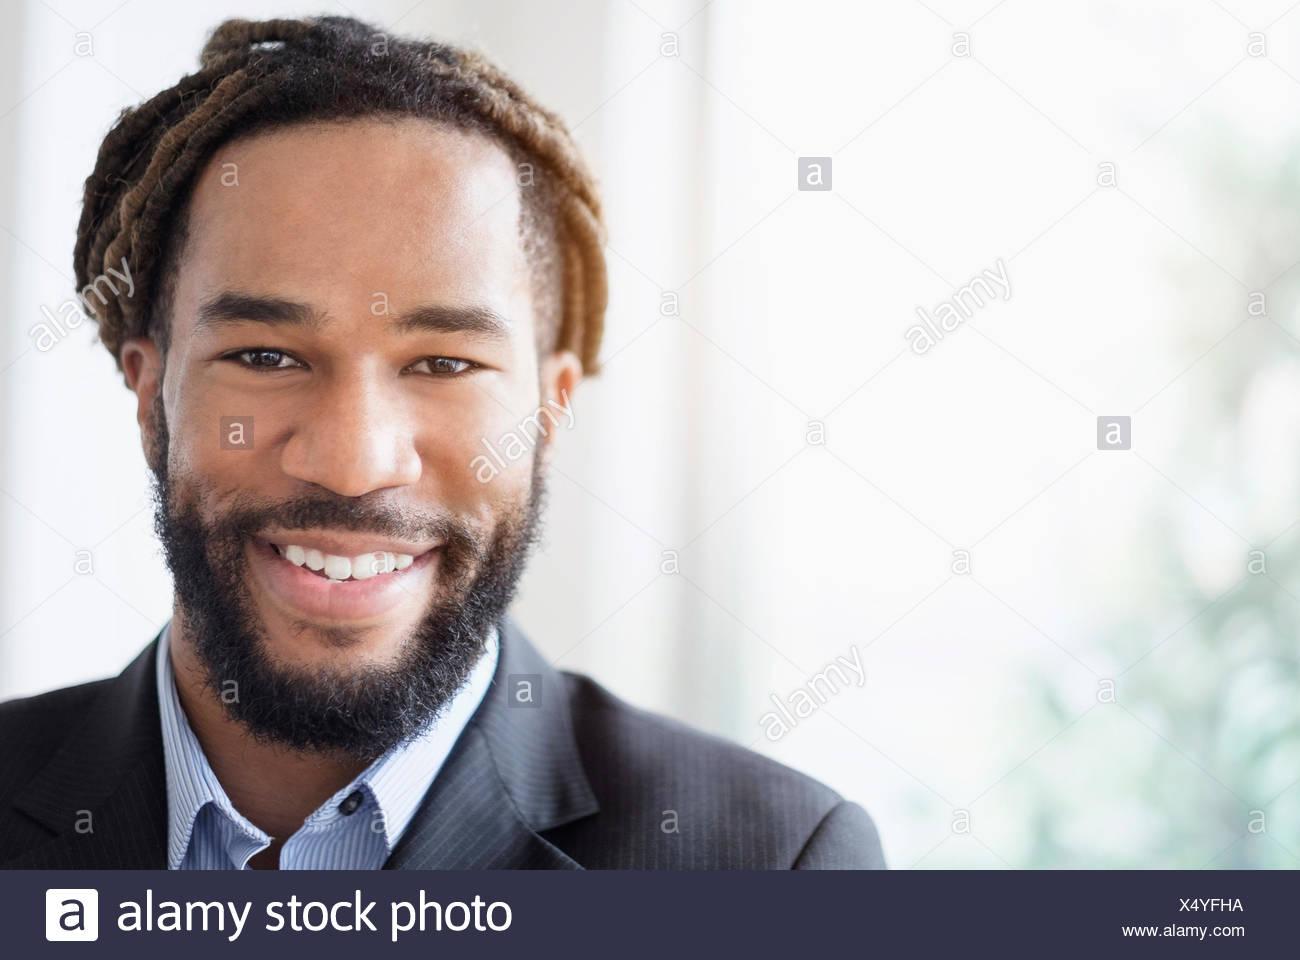 Retrato de smiley vistiendo traje de empresario Foto de stock